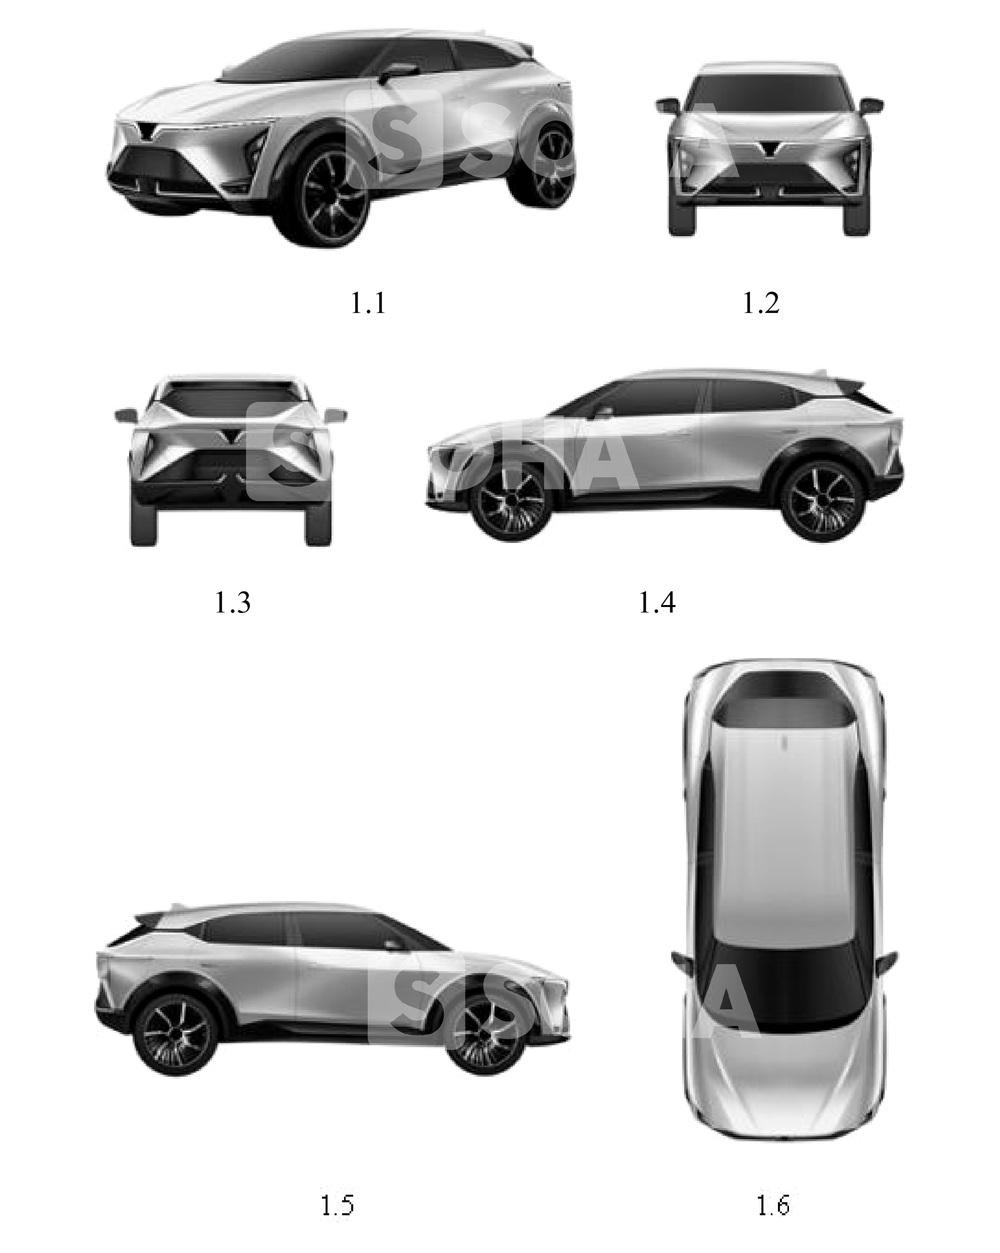 Lộ thiết kế 1 mẫu xe mới nữa của VinFast: Xuất hiện chi tiết kỳ lạ và khó hiểu - có mối liên hệ với Cadillac? - Ảnh 1.